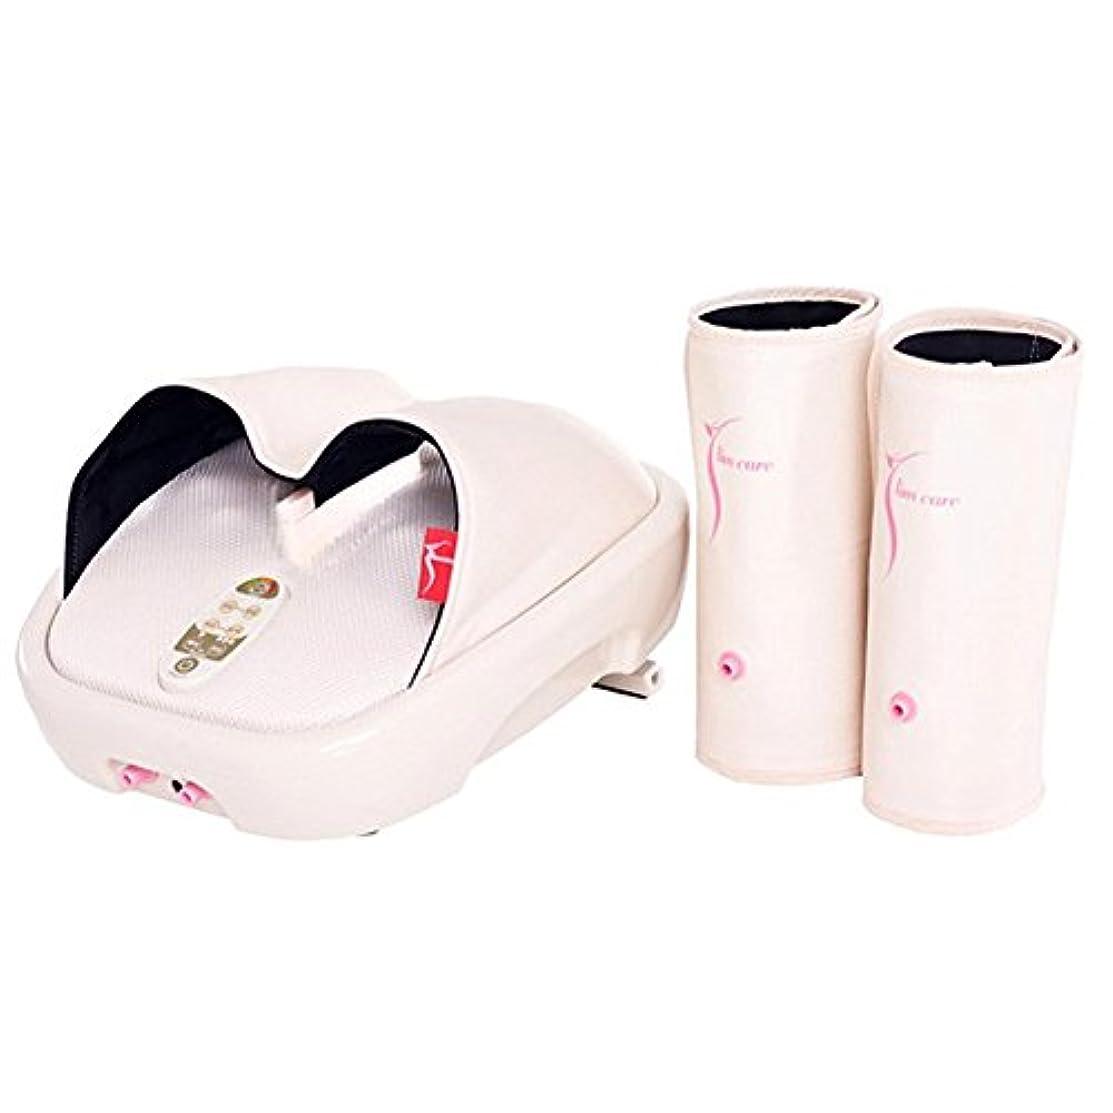 鹿ソーシャルアクチュエータHanil 532 Y-Liner HIL-9000F Air Compression Heating Foot Massager with Calf Cuff ハニール532 YライナーHILL-9000Fエアコンプレッションヒートフットマッサージャー...